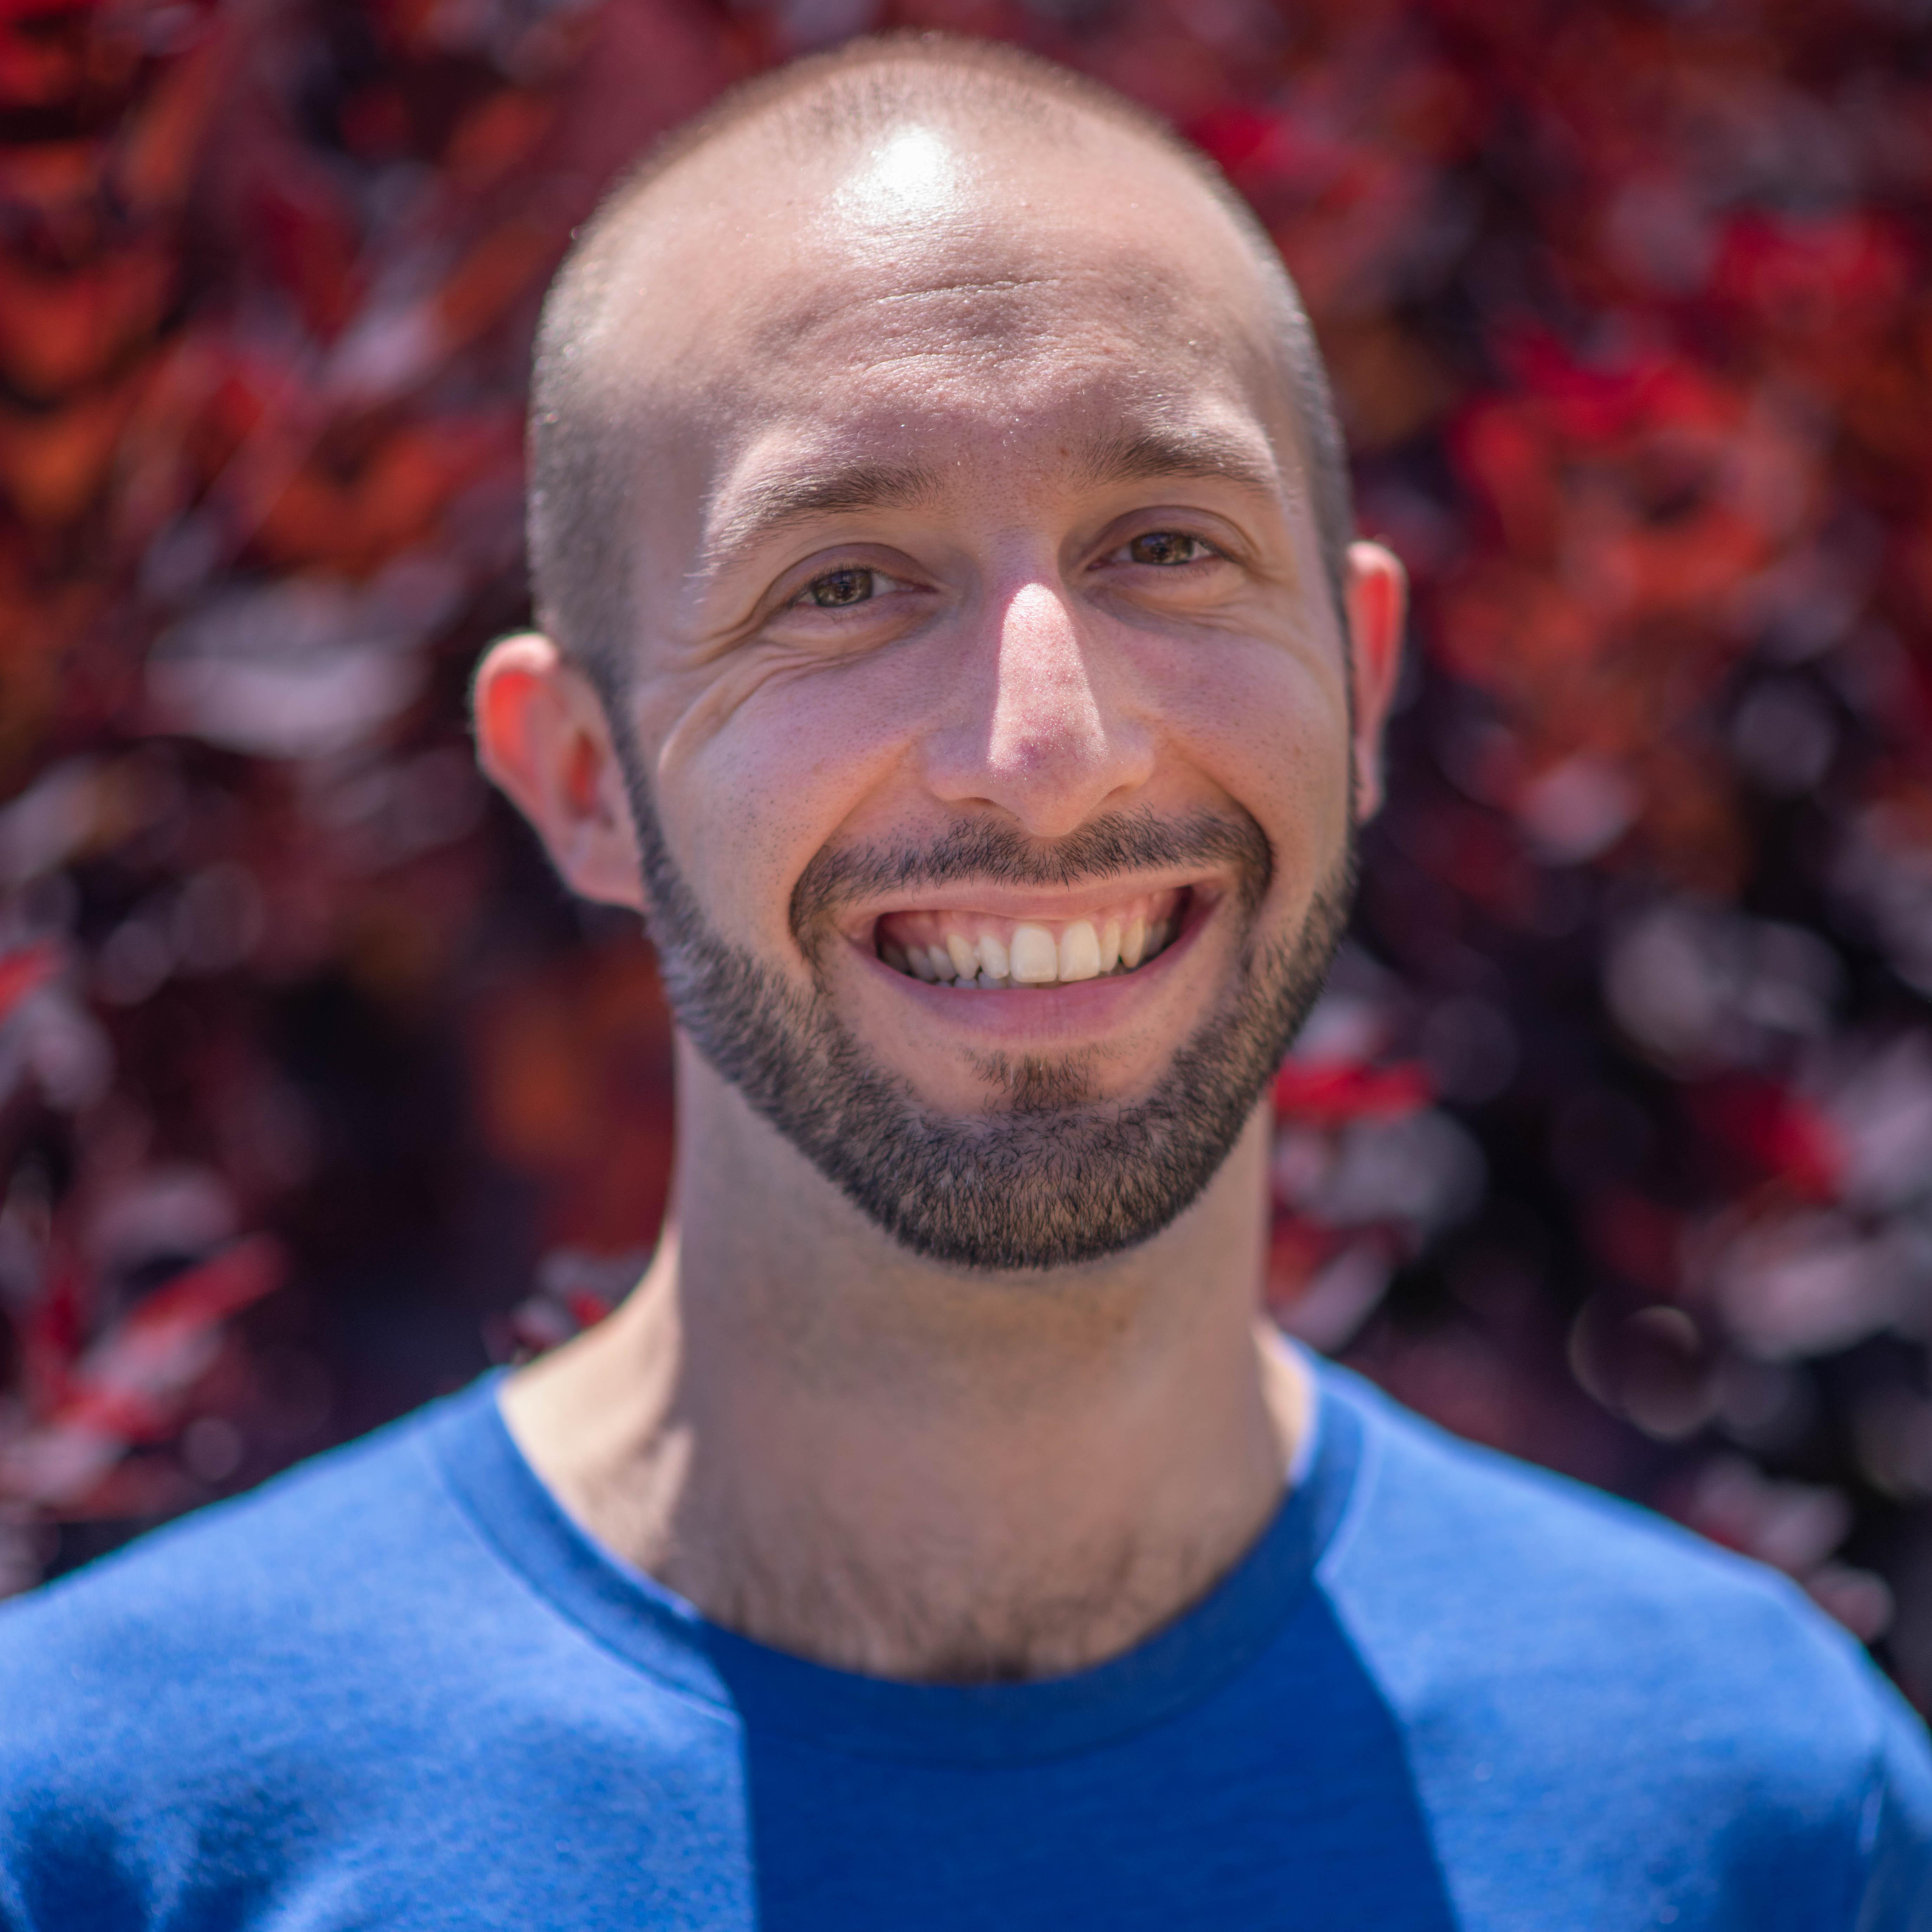 Matthew Krzyzynski